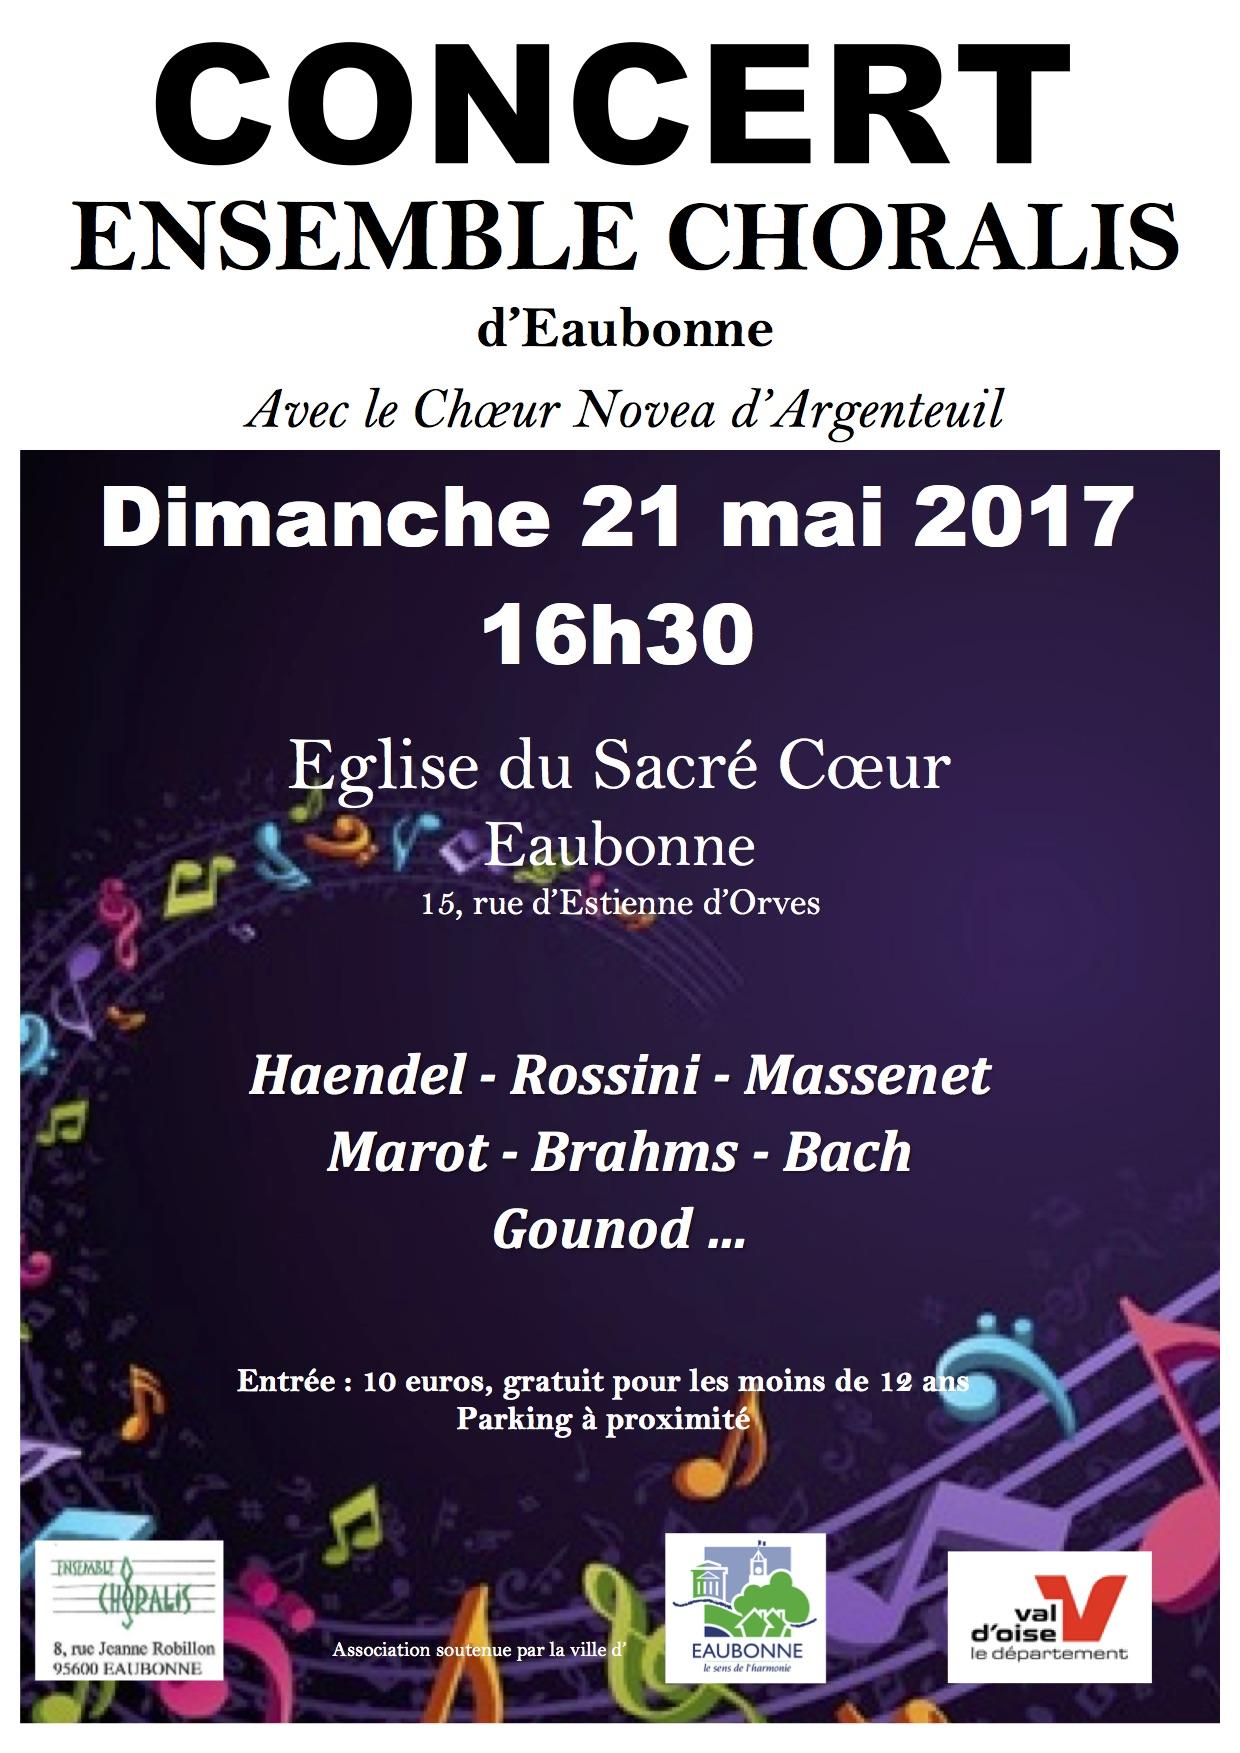 Concert de Choralis et du Choeur Novea